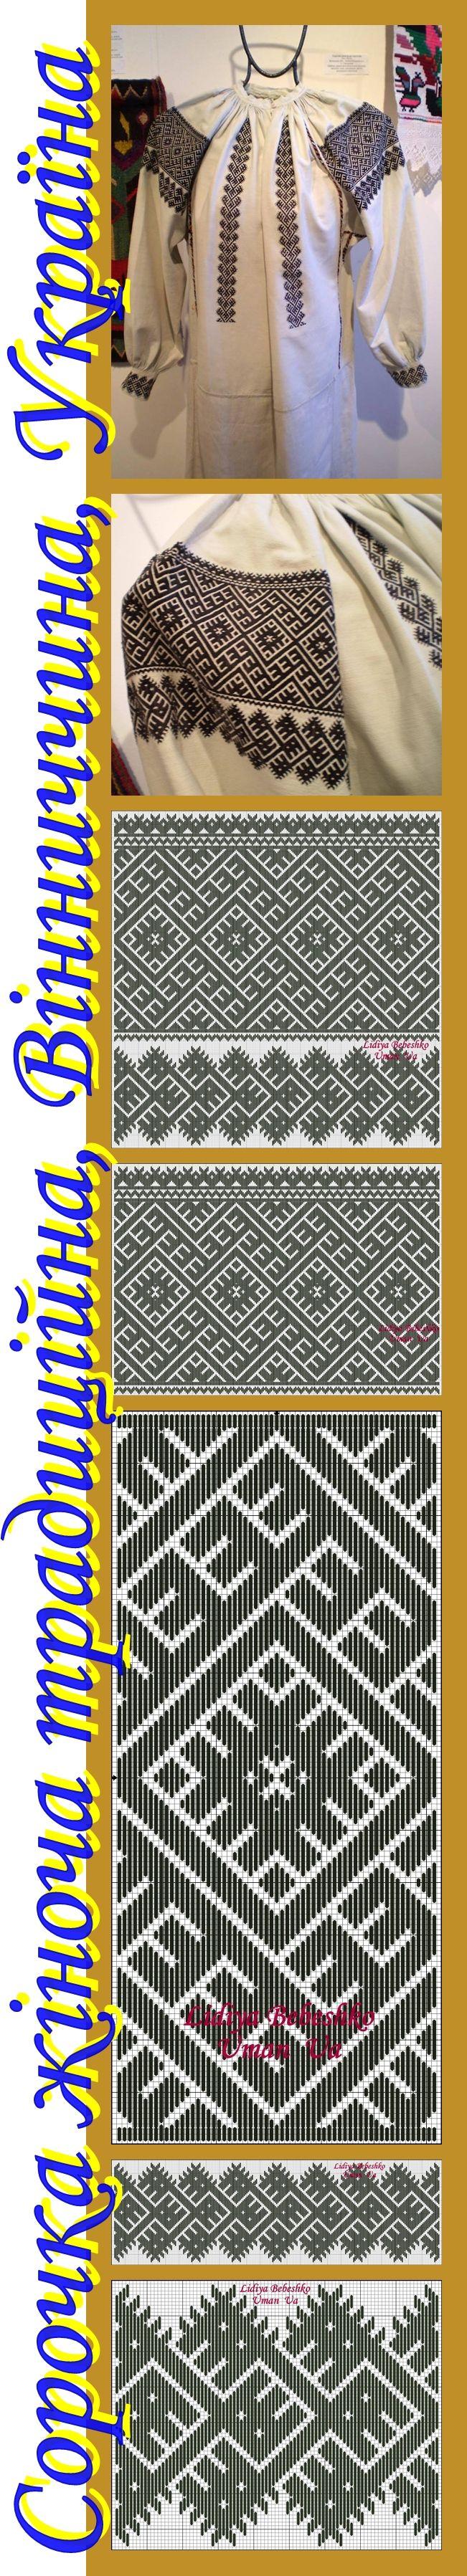 Вишивка на жіночій сорочці (Вінниччина, Східне Поділля) з колекції родини Причепіїв, подарованої Музею Івана Гончара